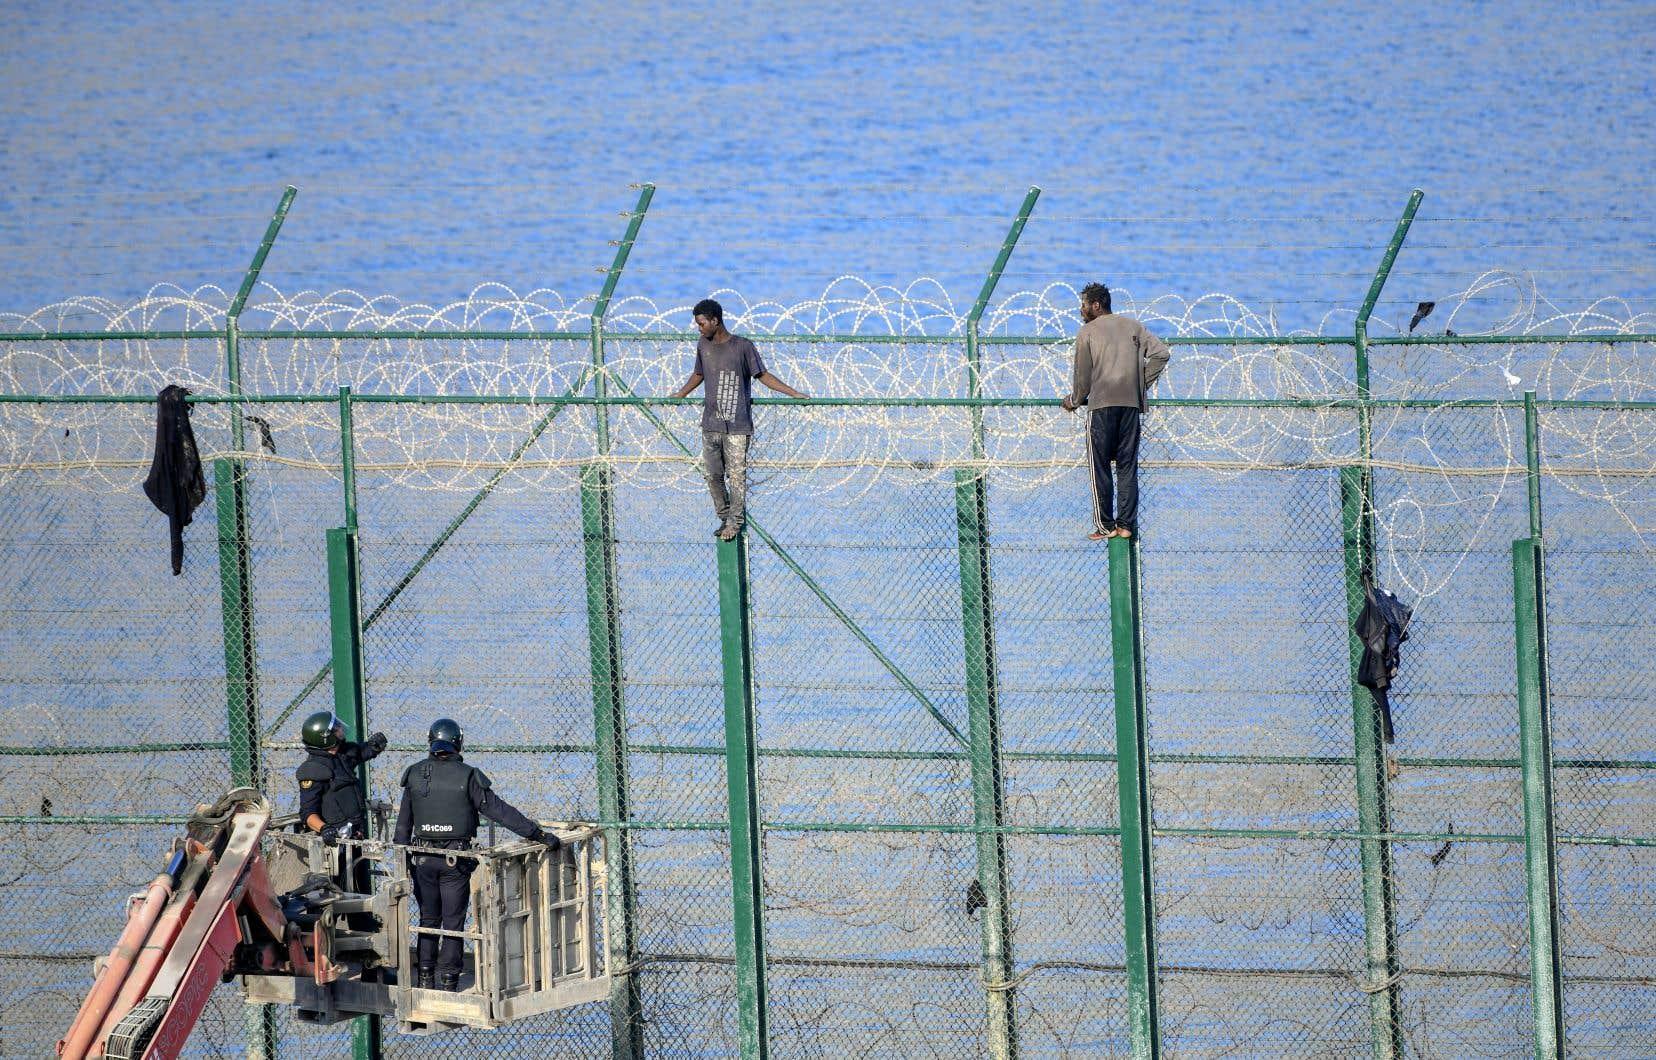 La ville espagnole de Ceuta se trouve à la frontière avec le Maroc. Des migrants d'Afrique subsaharienne ont escaladé la clôture à la frontière des territoires.